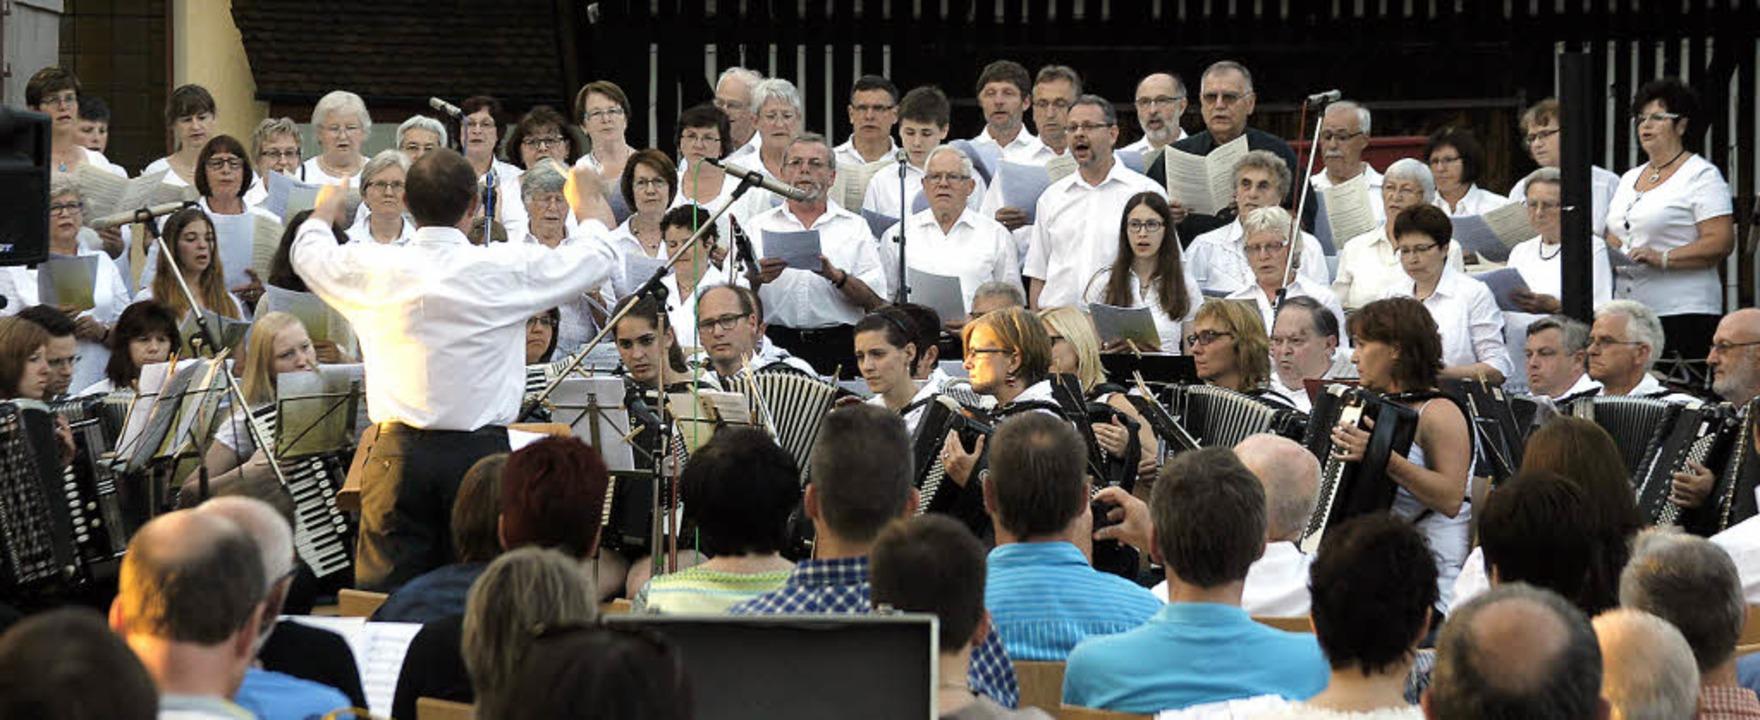 Akkordeons und Stimmen der Kirchenchör...bend, der die Ottenheimer begeisterte.    Foto: heidi fössel